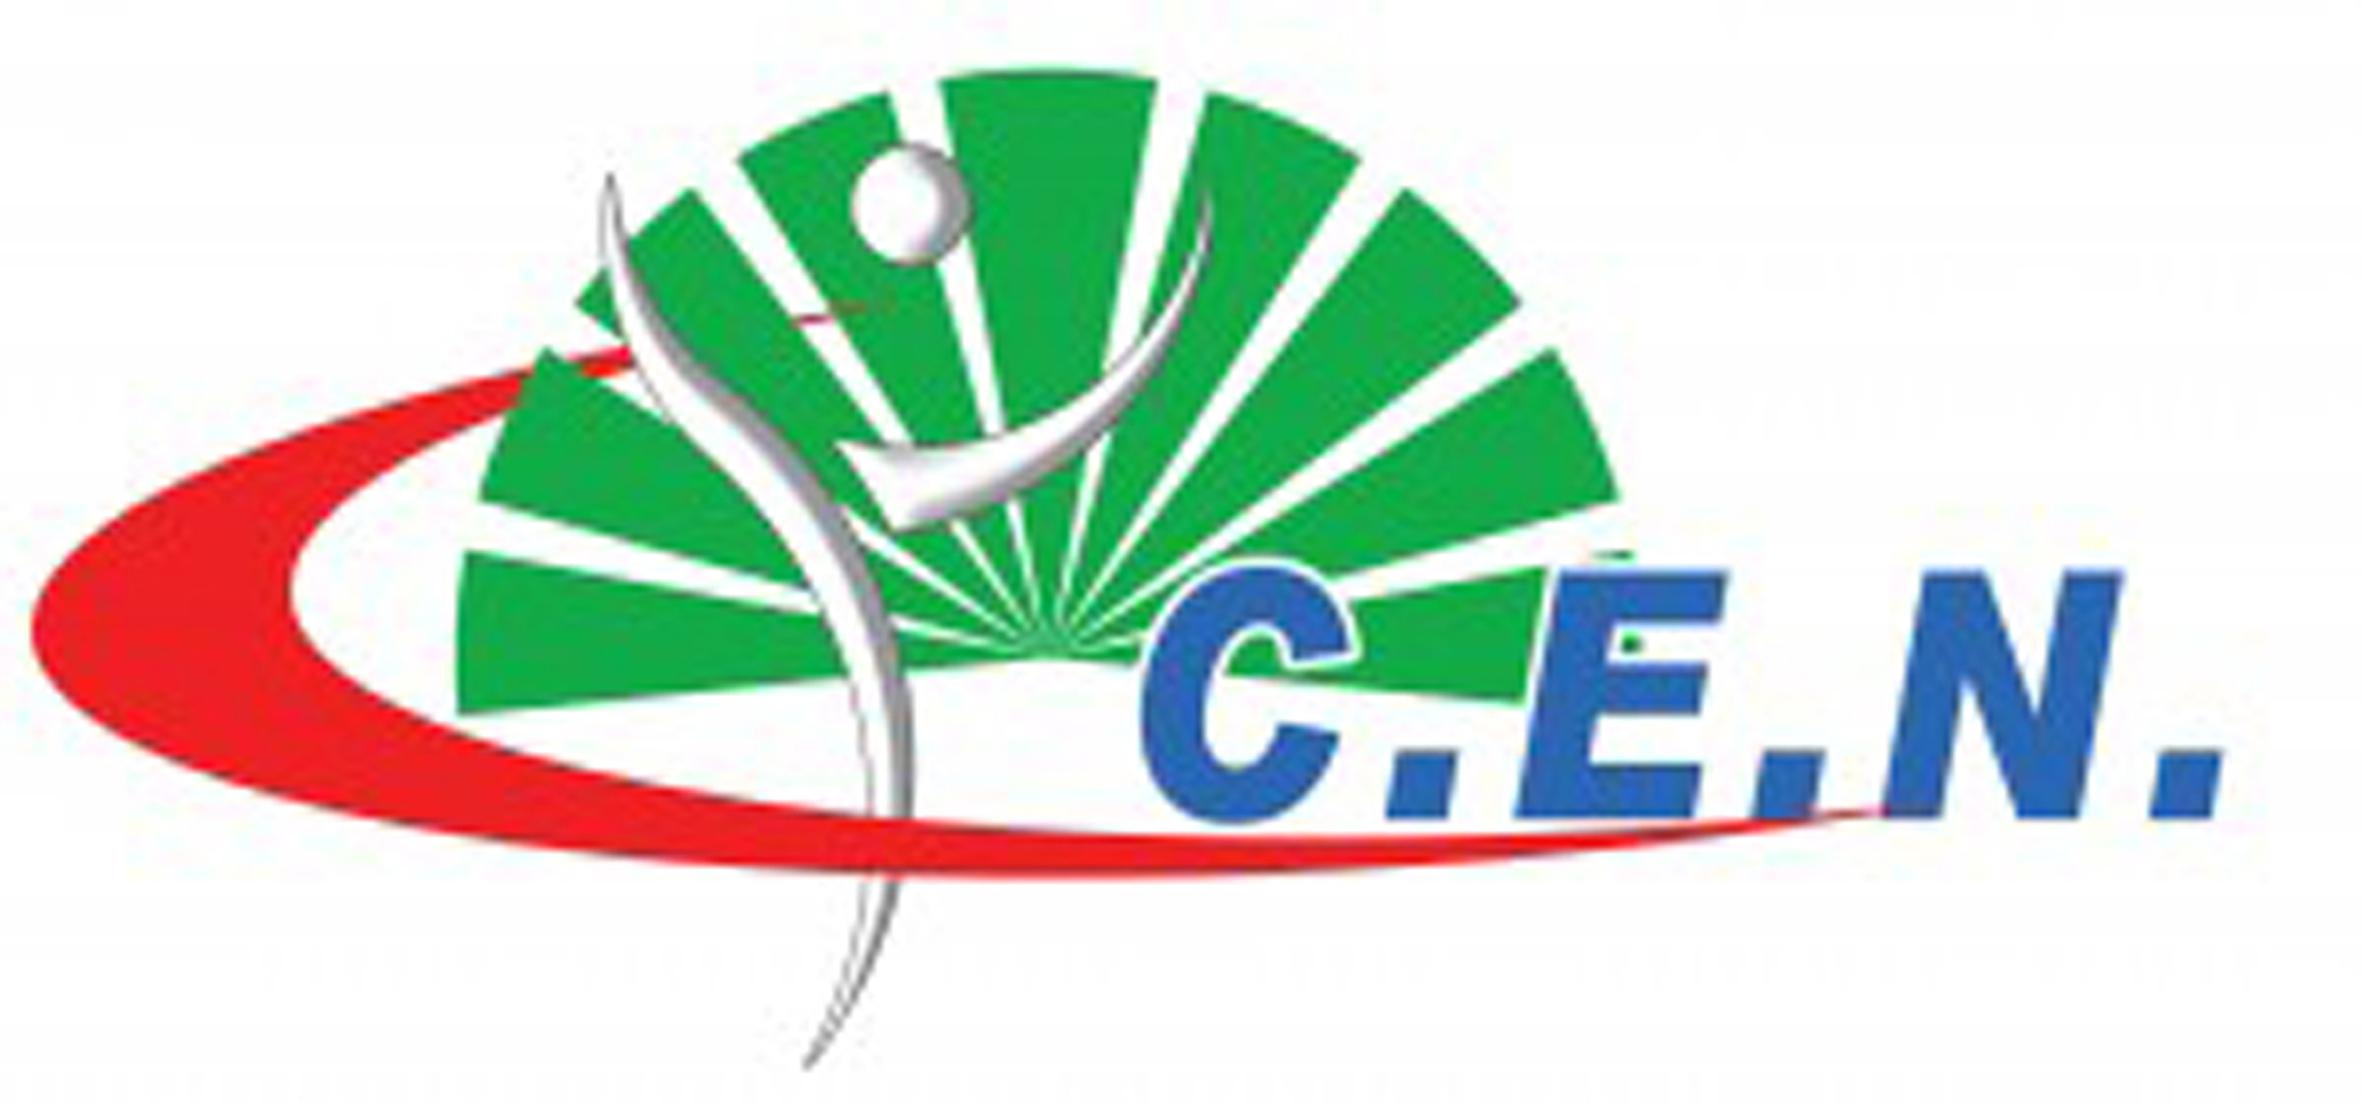 Cotisation pour devenir membre CEN